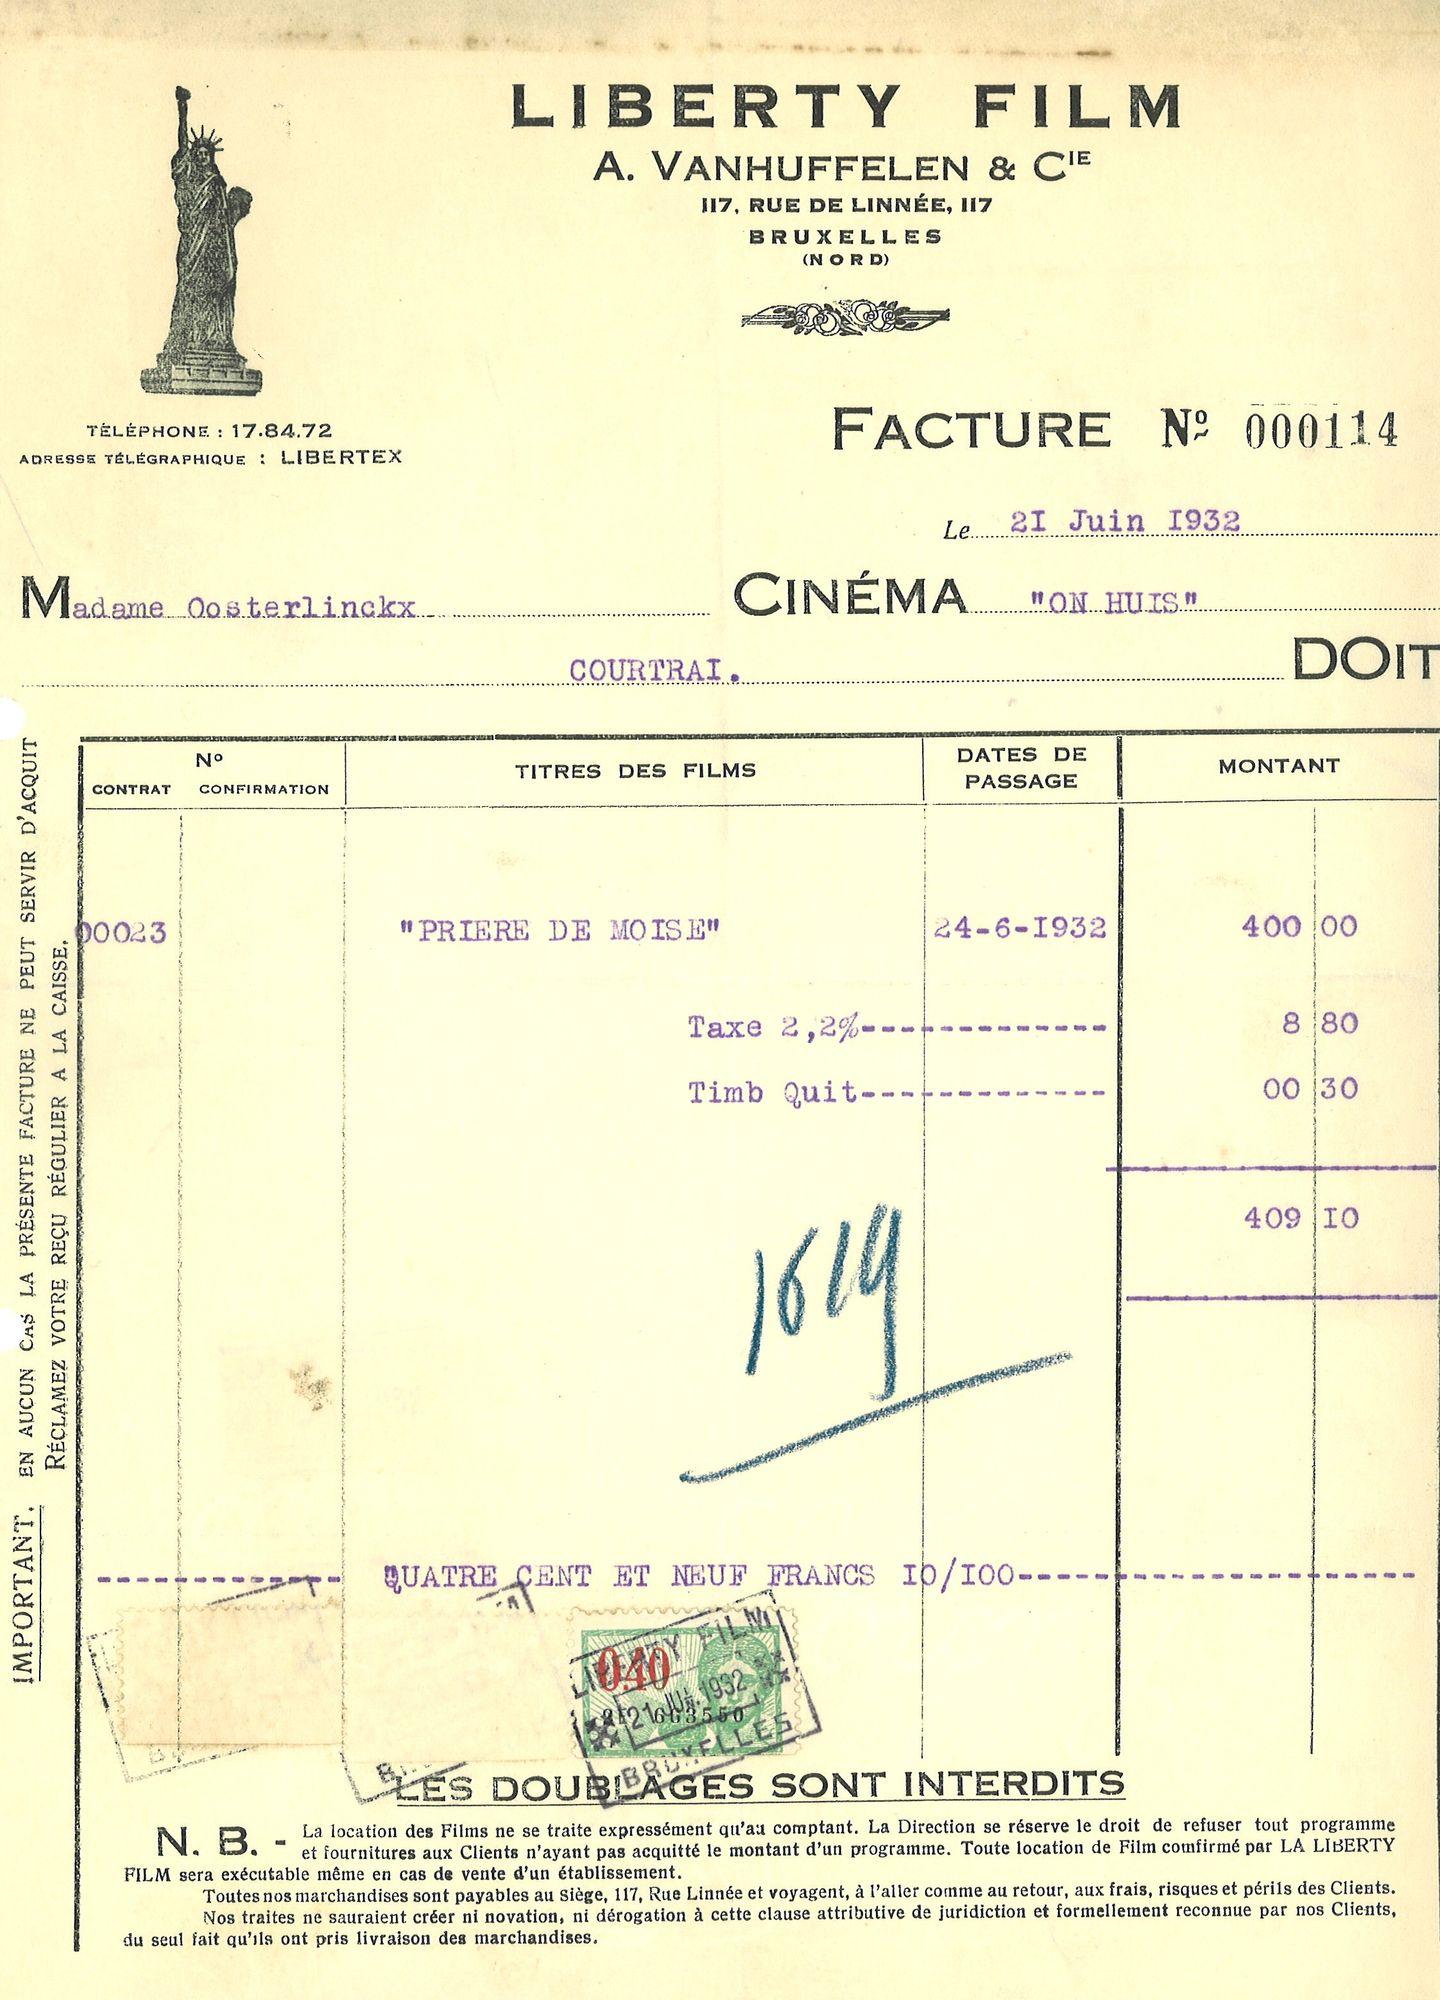 Cinema Ons Huis